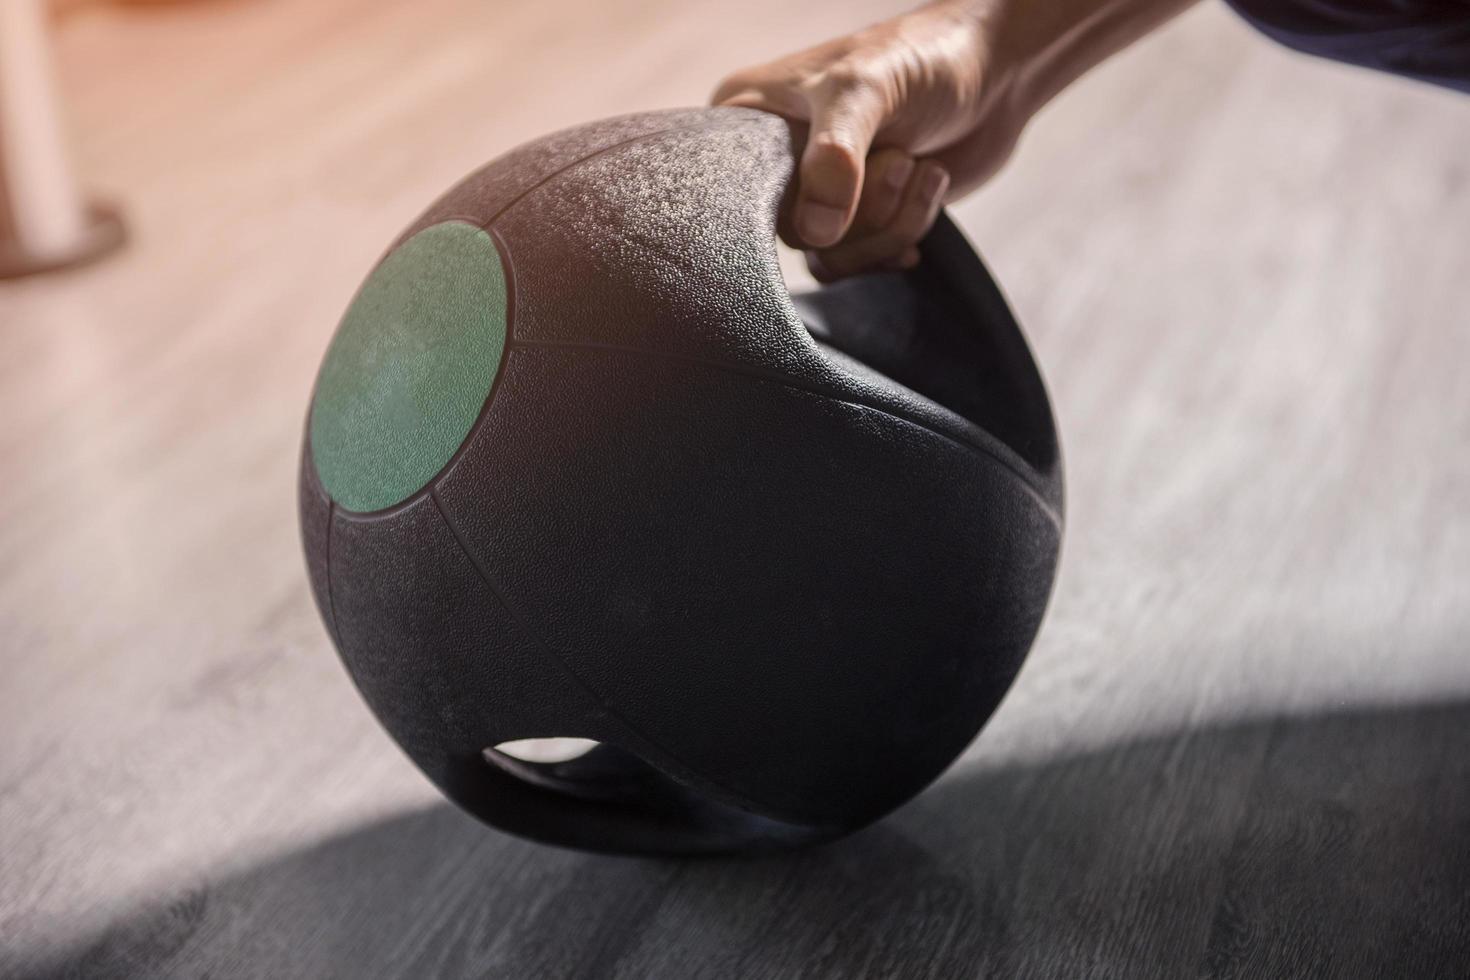 Gros plan de la main tenant le poids dans une salle de sport photo